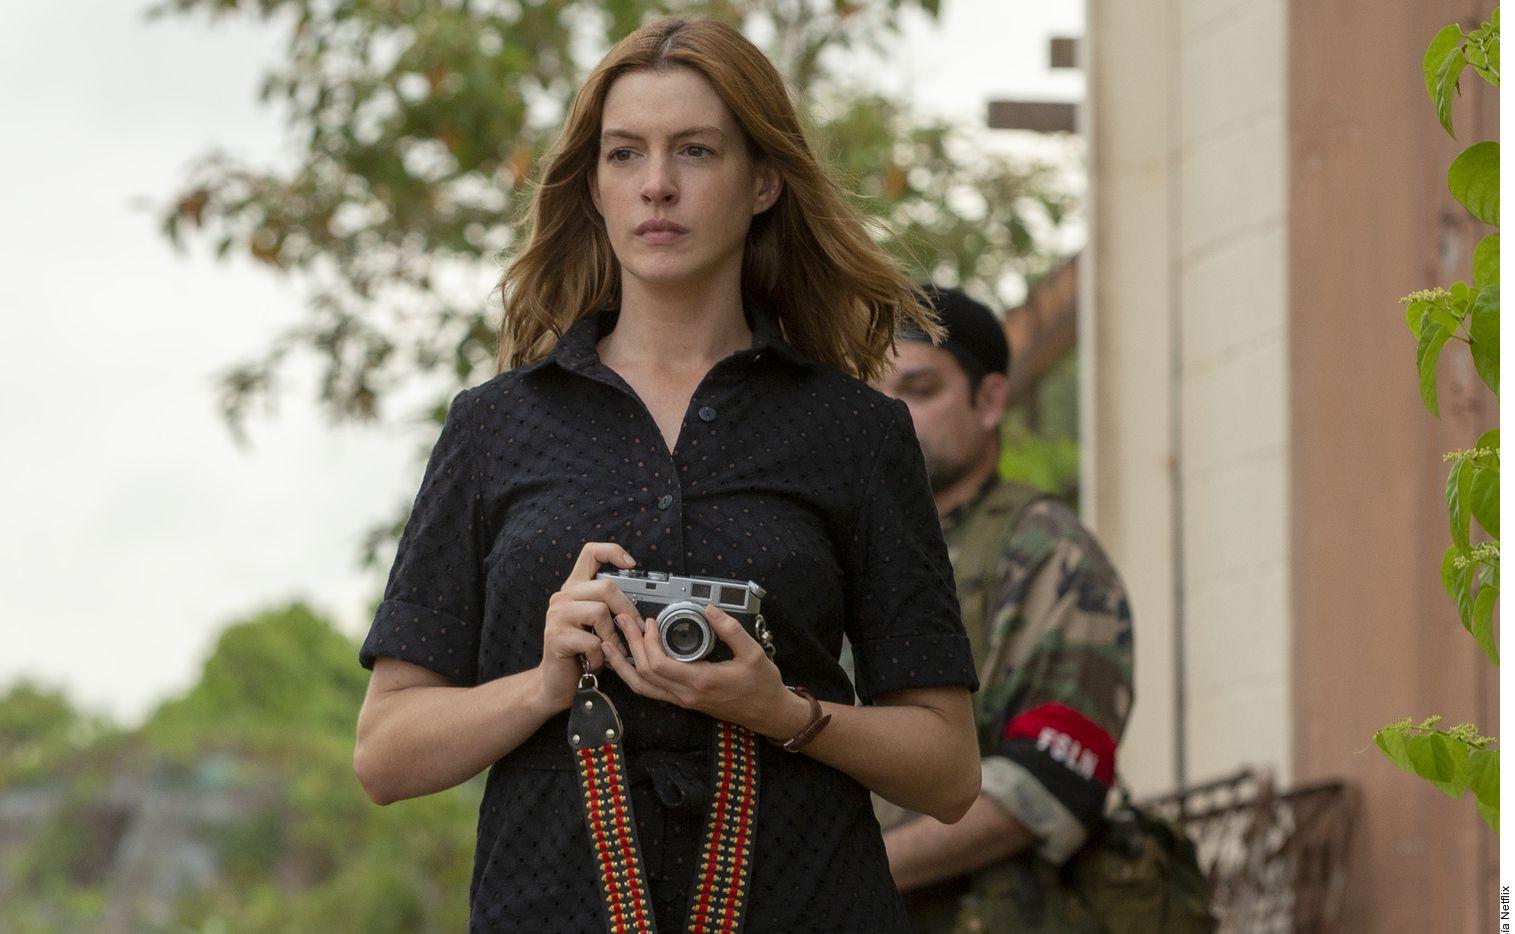 La trama de Su Último Deseo gira alrededor de una periodista (Hathaway) que se ve involucrada en el tráfico de armas por realizar un encargo de su padre (Dafoe).